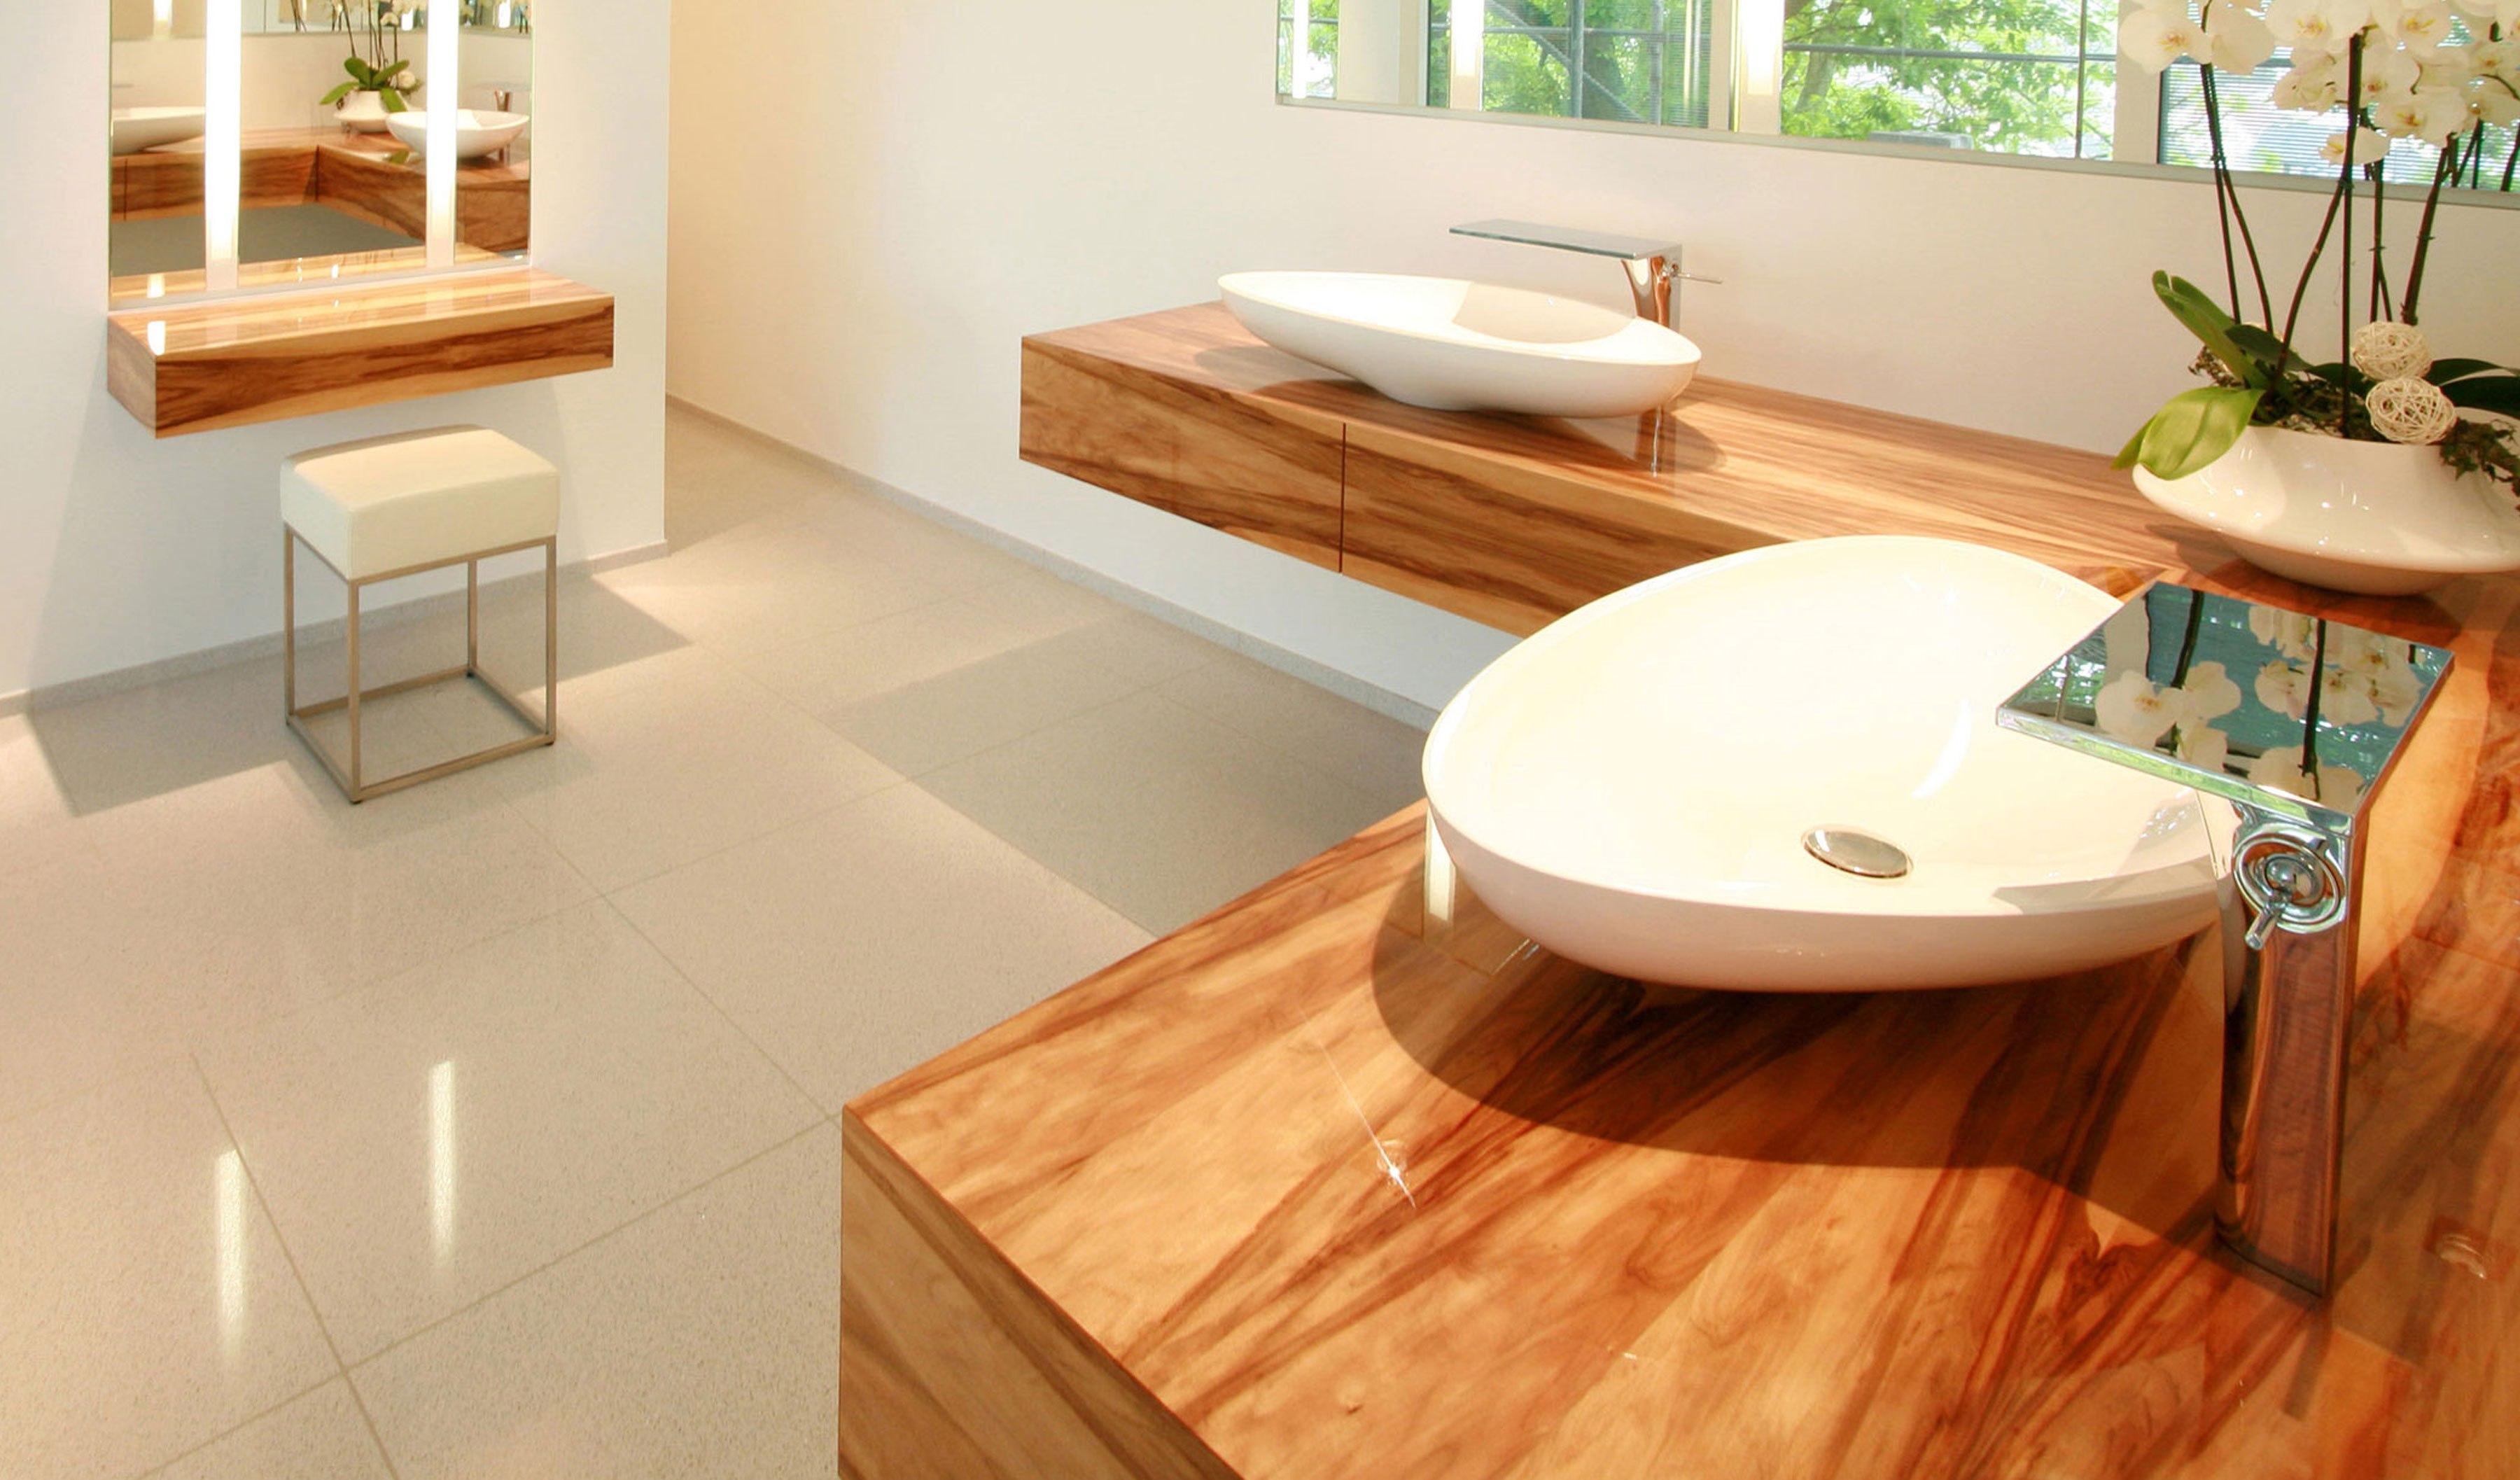 klarlack f r holz swalif. Black Bedroom Furniture Sets. Home Design Ideas